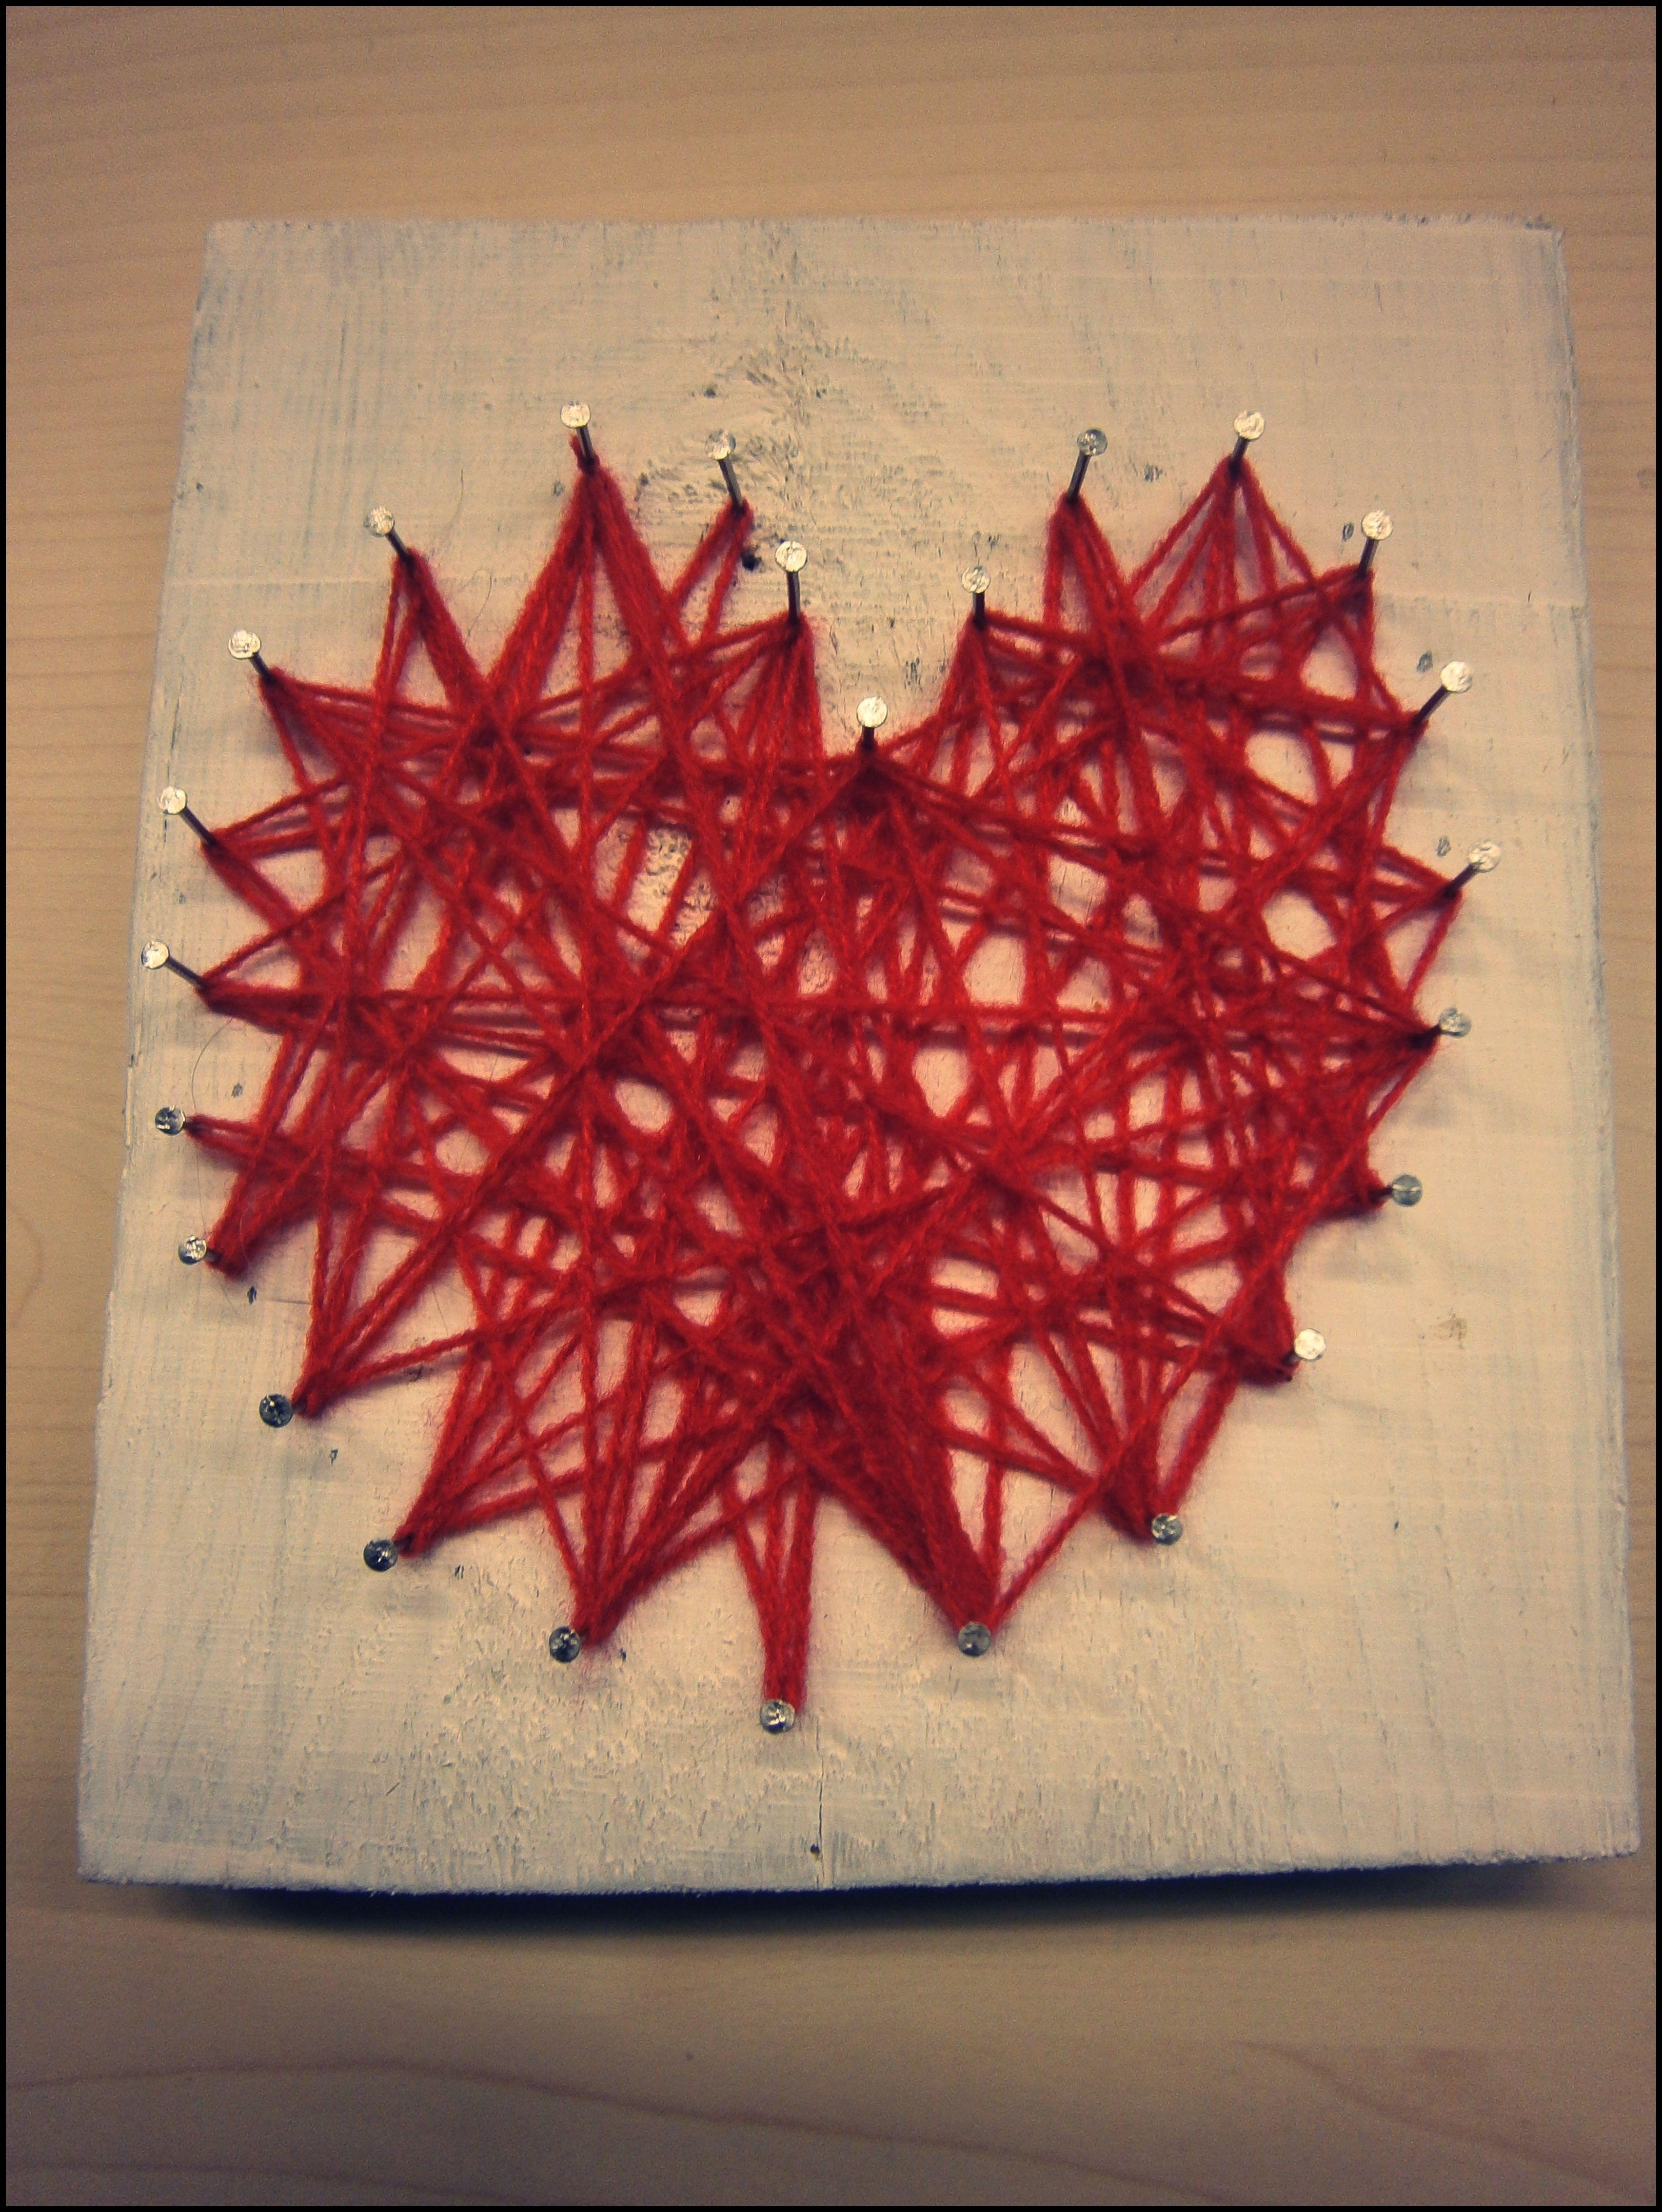 VALENTIJN - hout schuren - hout wit schilderen - vorm van hartje maken met spijkers en hamer - met rode wol de spijkers kris kras met elkaar verbinden Idee: juf Margie